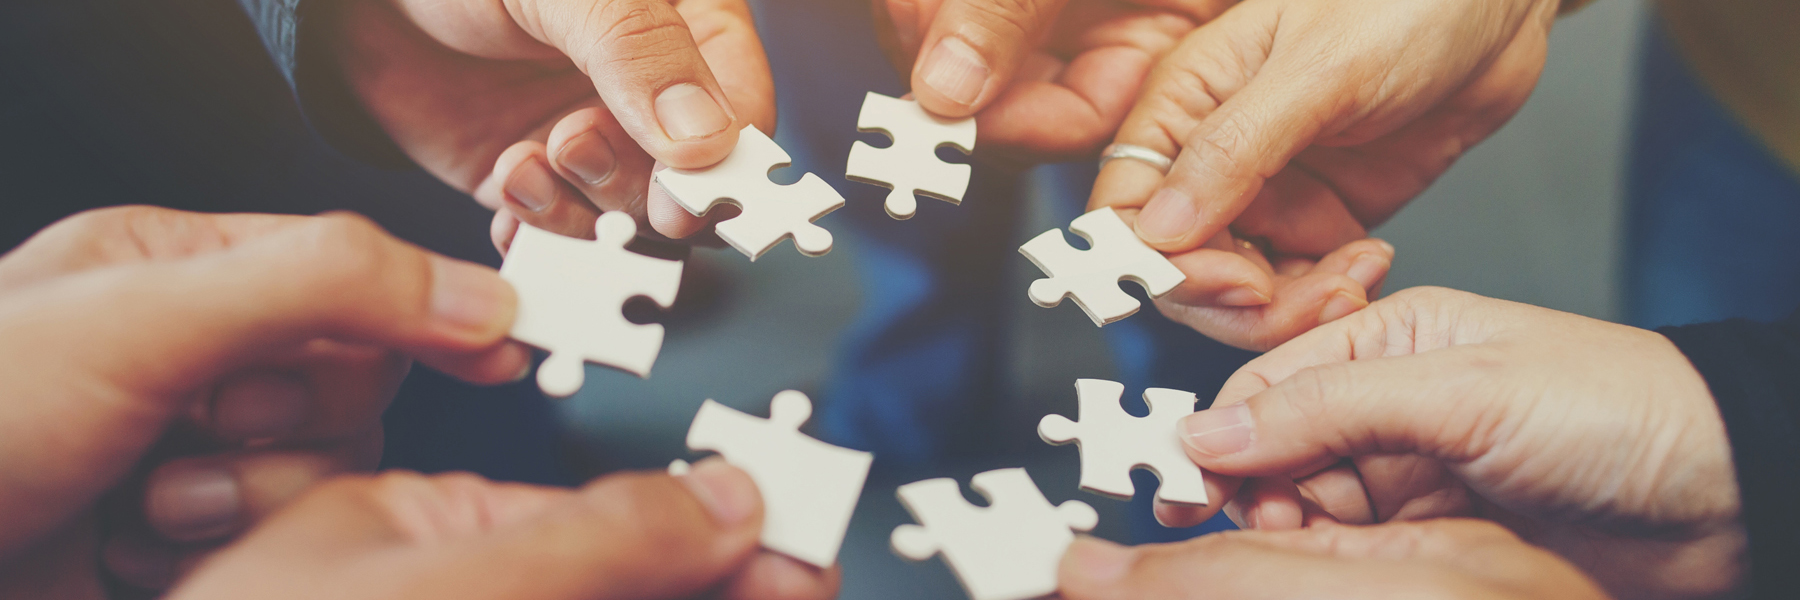 Das Bild zeigt sieben Hände, die Puzzleteile zusammenfügen.